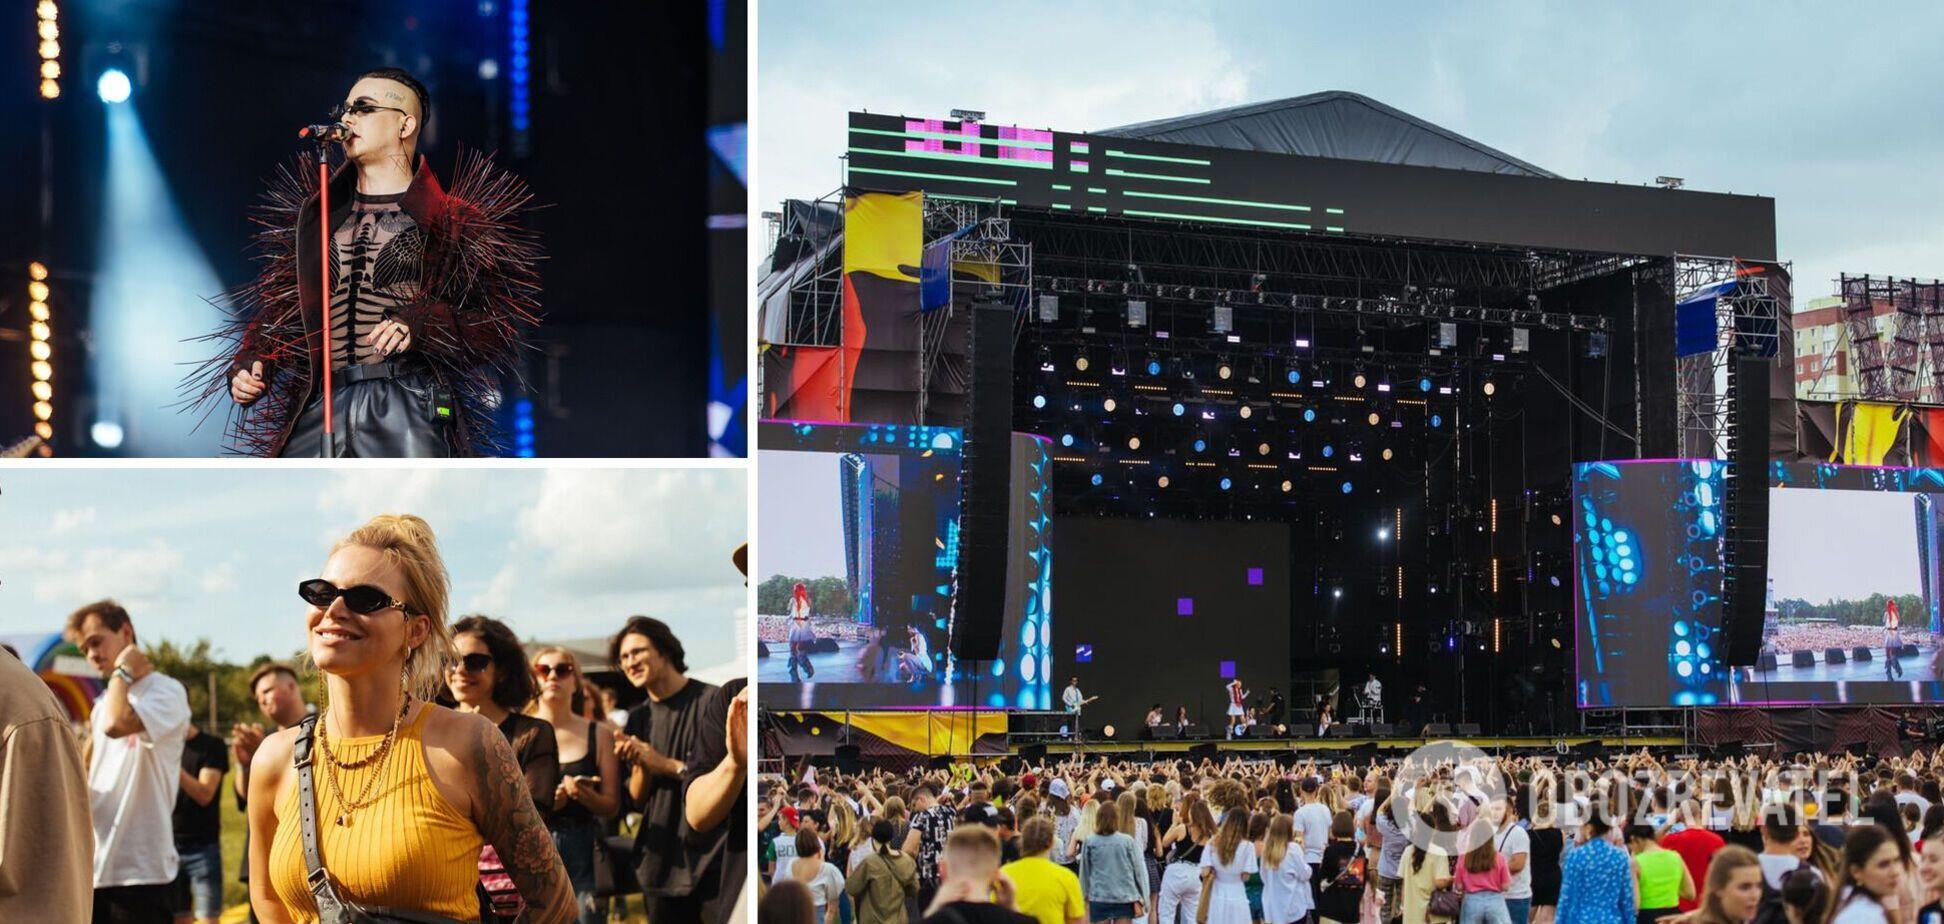 'Половина Києва' прийшла на Atlas Weekend: вражальні фото та відео з фестивалю